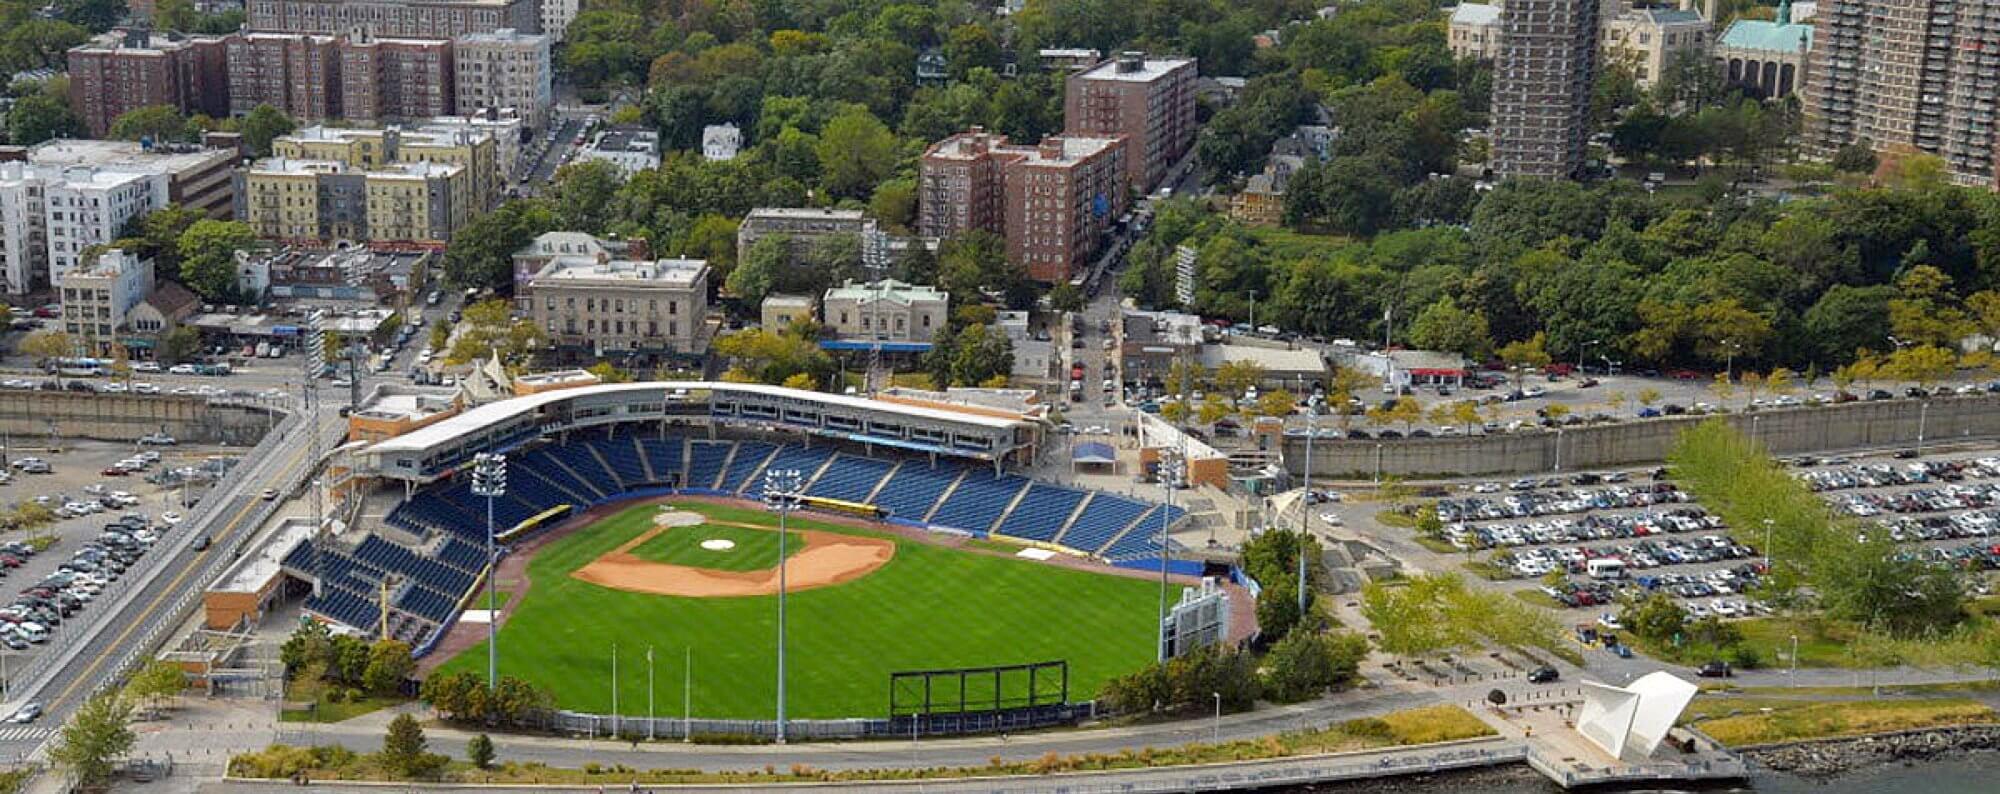 aerial shot of stadium